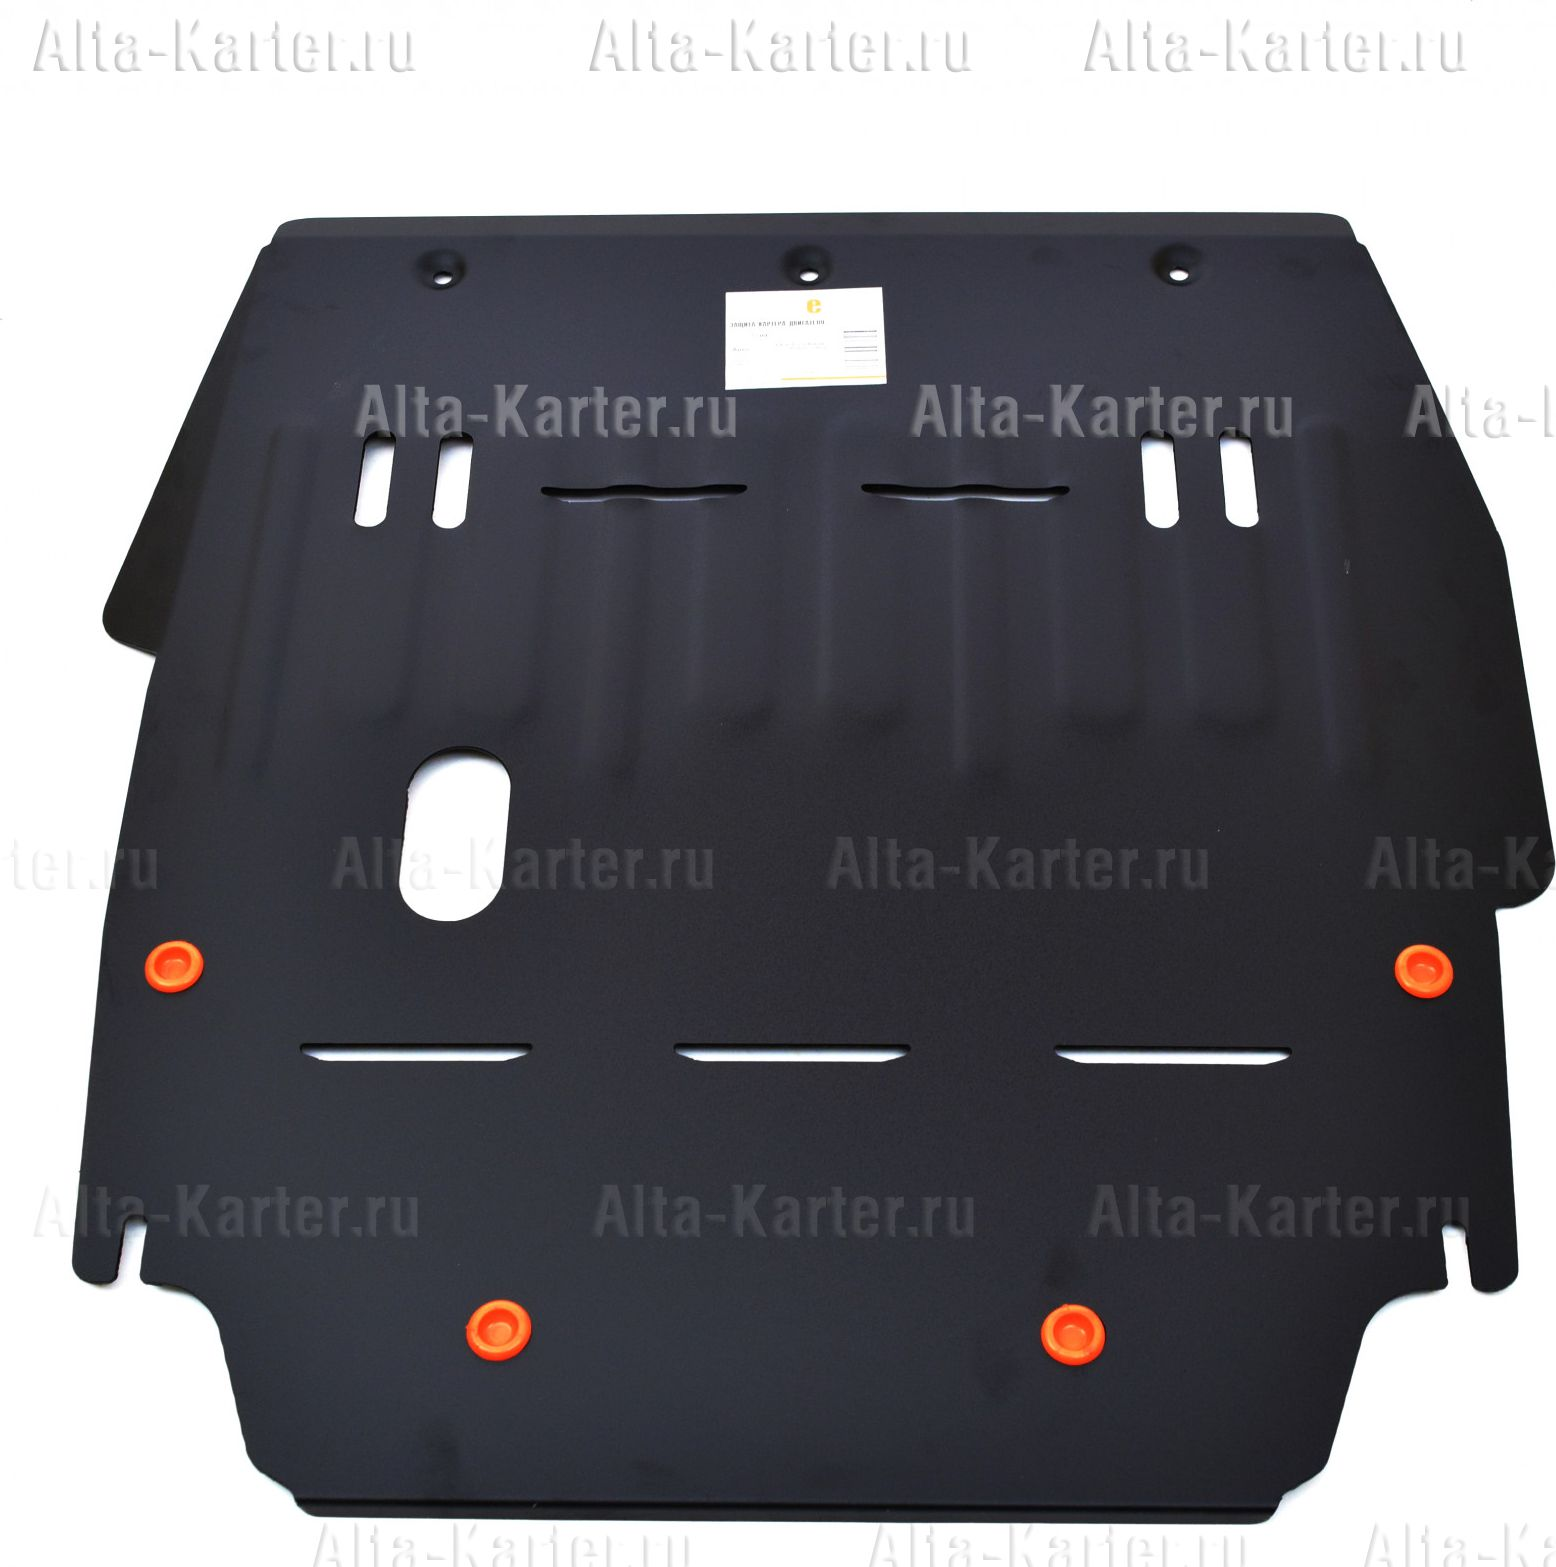 Защита Alfeco для картера и КПП ГАЗ (Volga) Siber 2008-2010. Артикул ALF.25.01